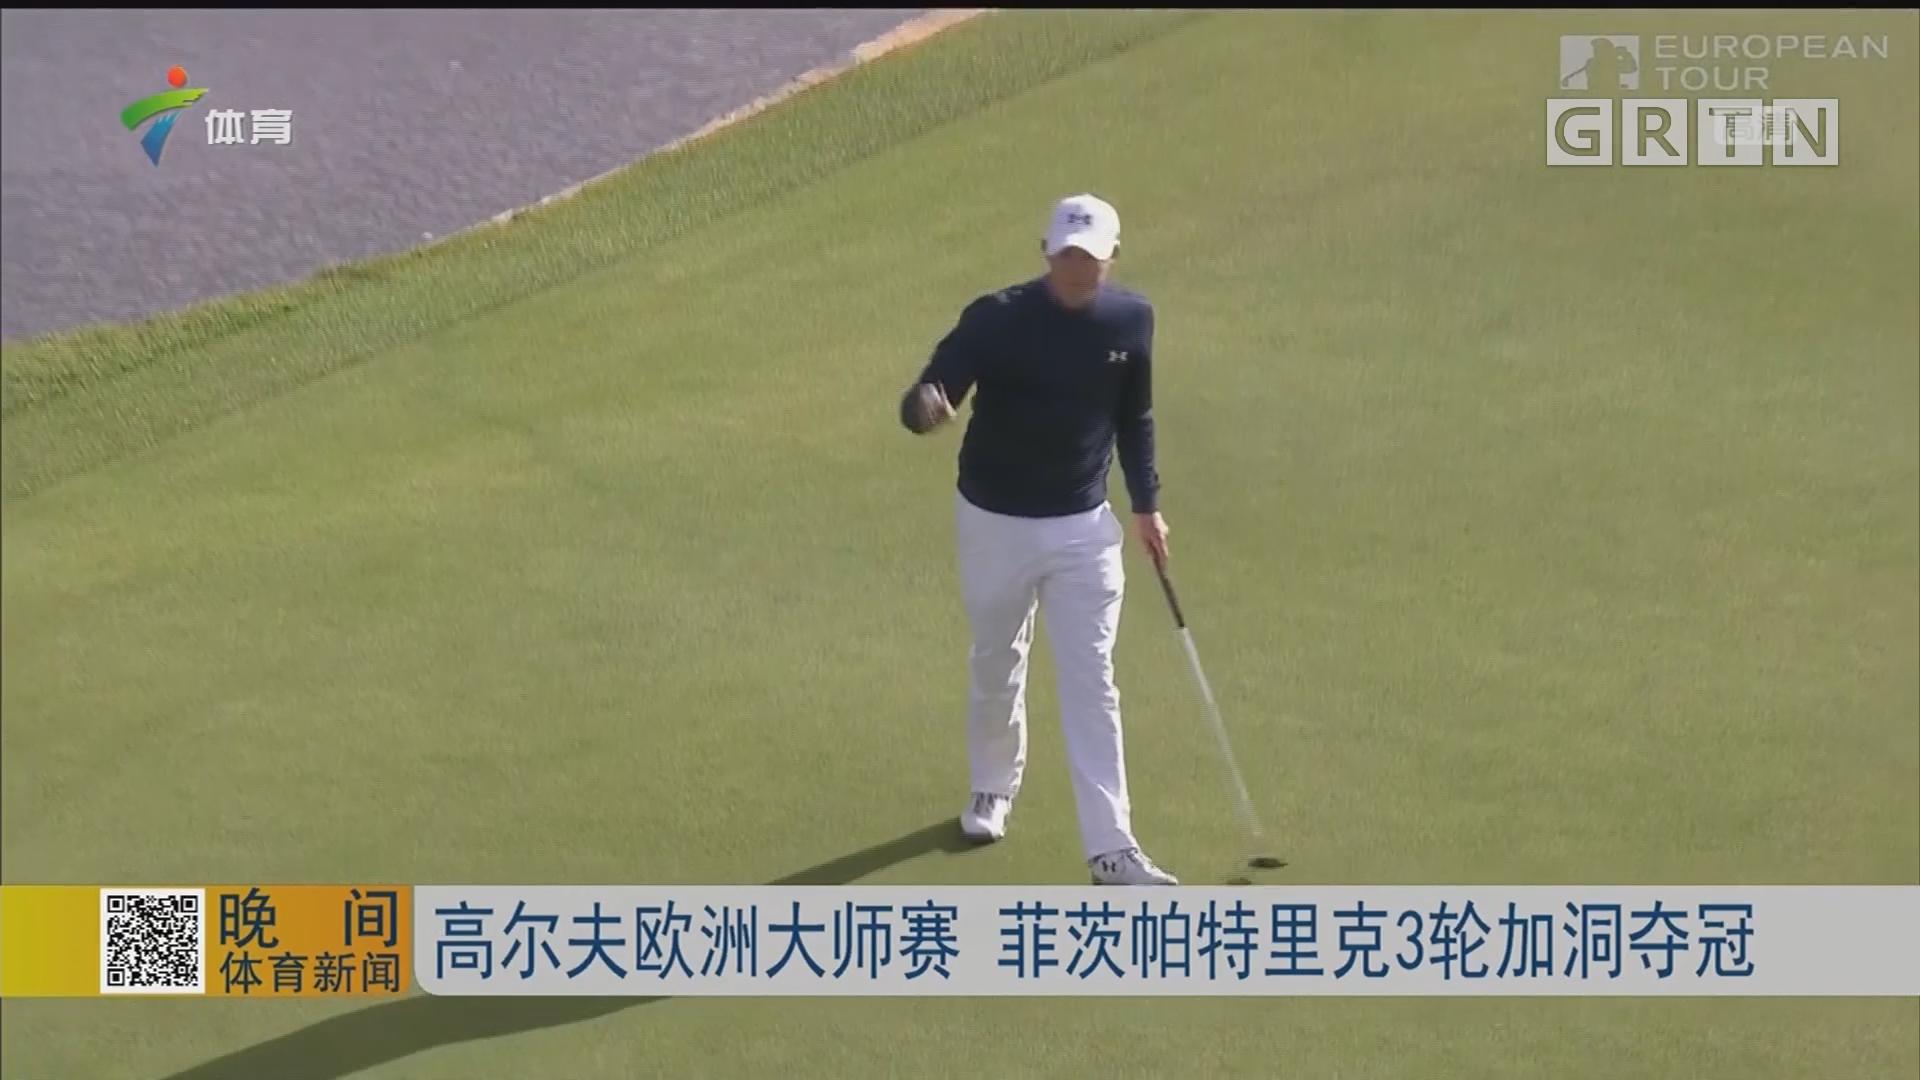 高尔夫欧洲大师赛 菲茨帕特里克3轮加洞夺冠